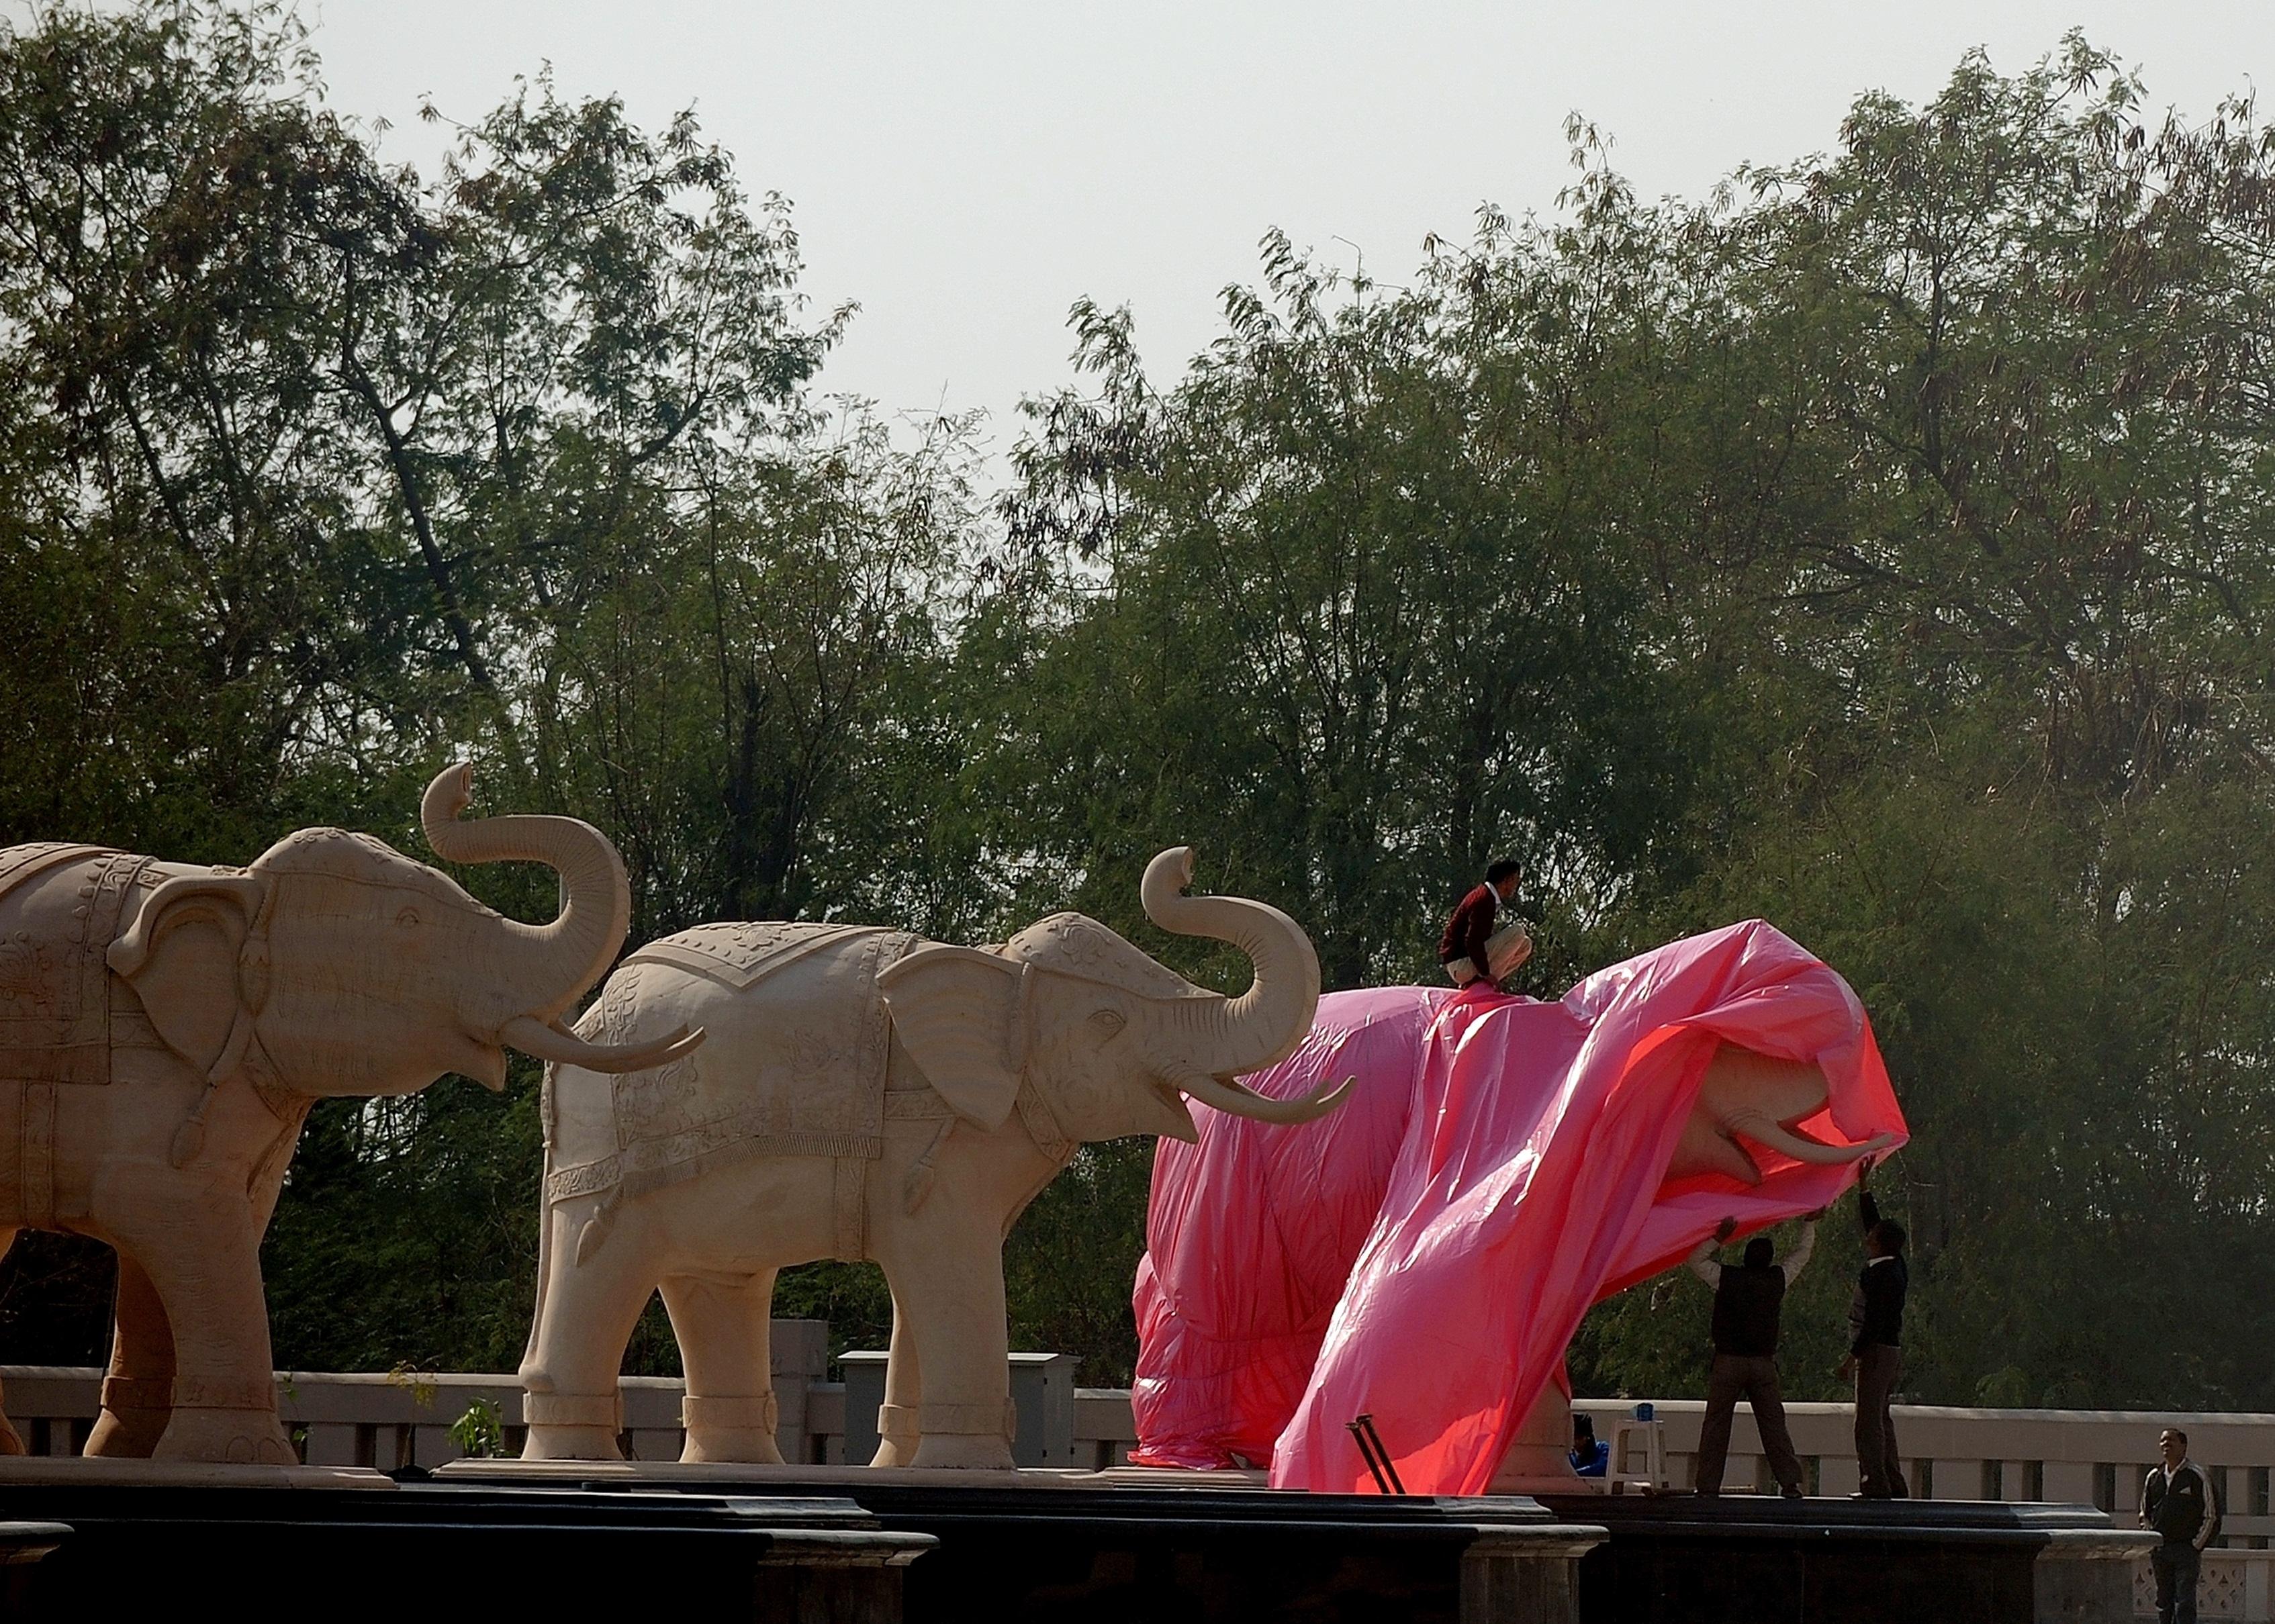 В Индии в преддверии выборов спешно накрывают статуи слонов. Фото: MANAN VATSYAYANA/Getty Images